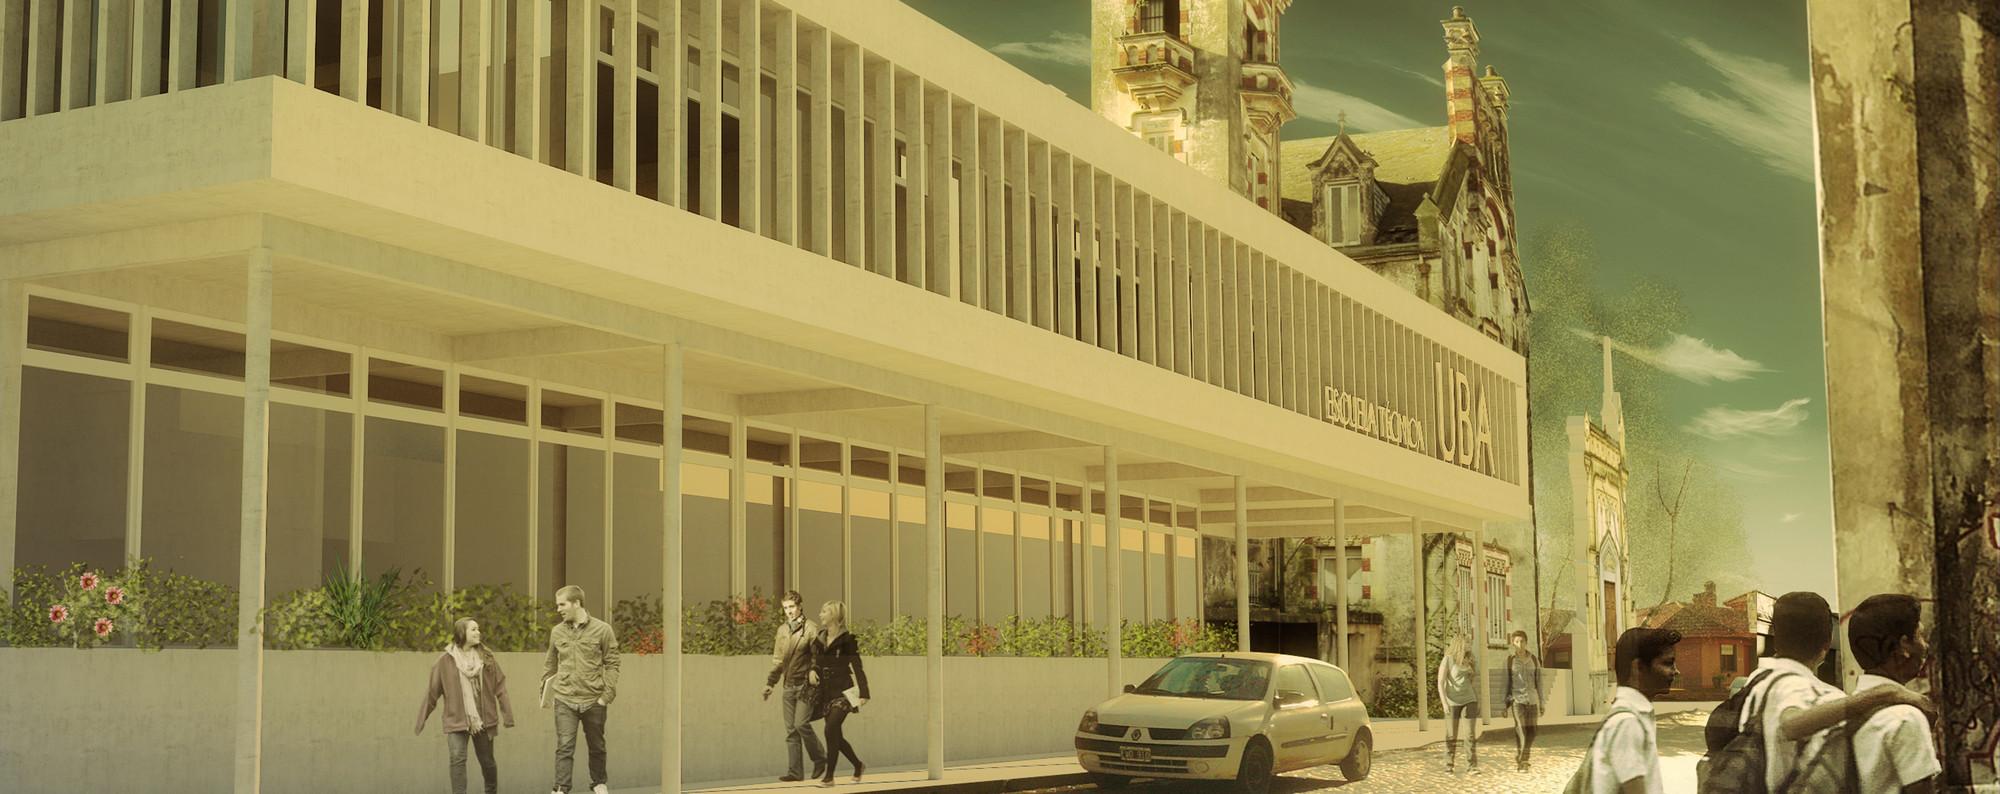 Primer lugar concurso nacional clarin sca para for Parasoles arquitectura